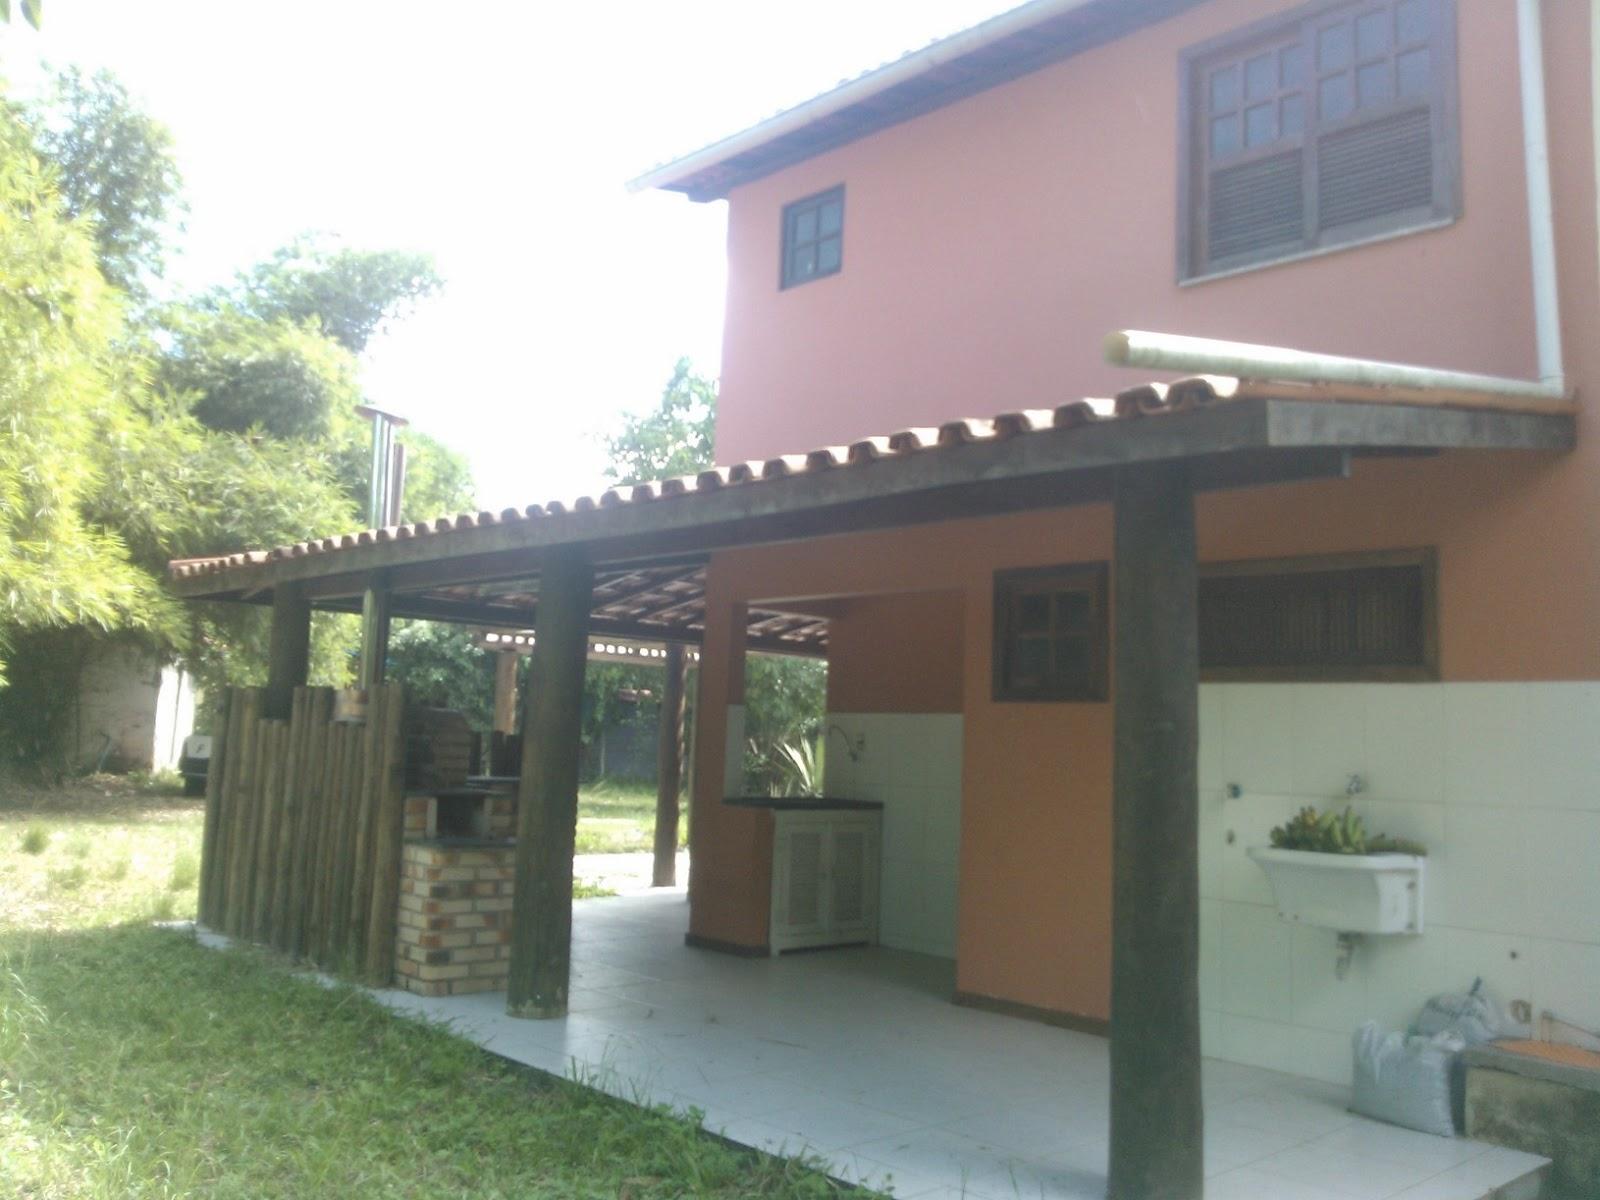 banheiro com blindex bancada de mármore bege bahia reversível para #839338 1600x1200 Bancada De Banheiro Marmore Bege Bahia